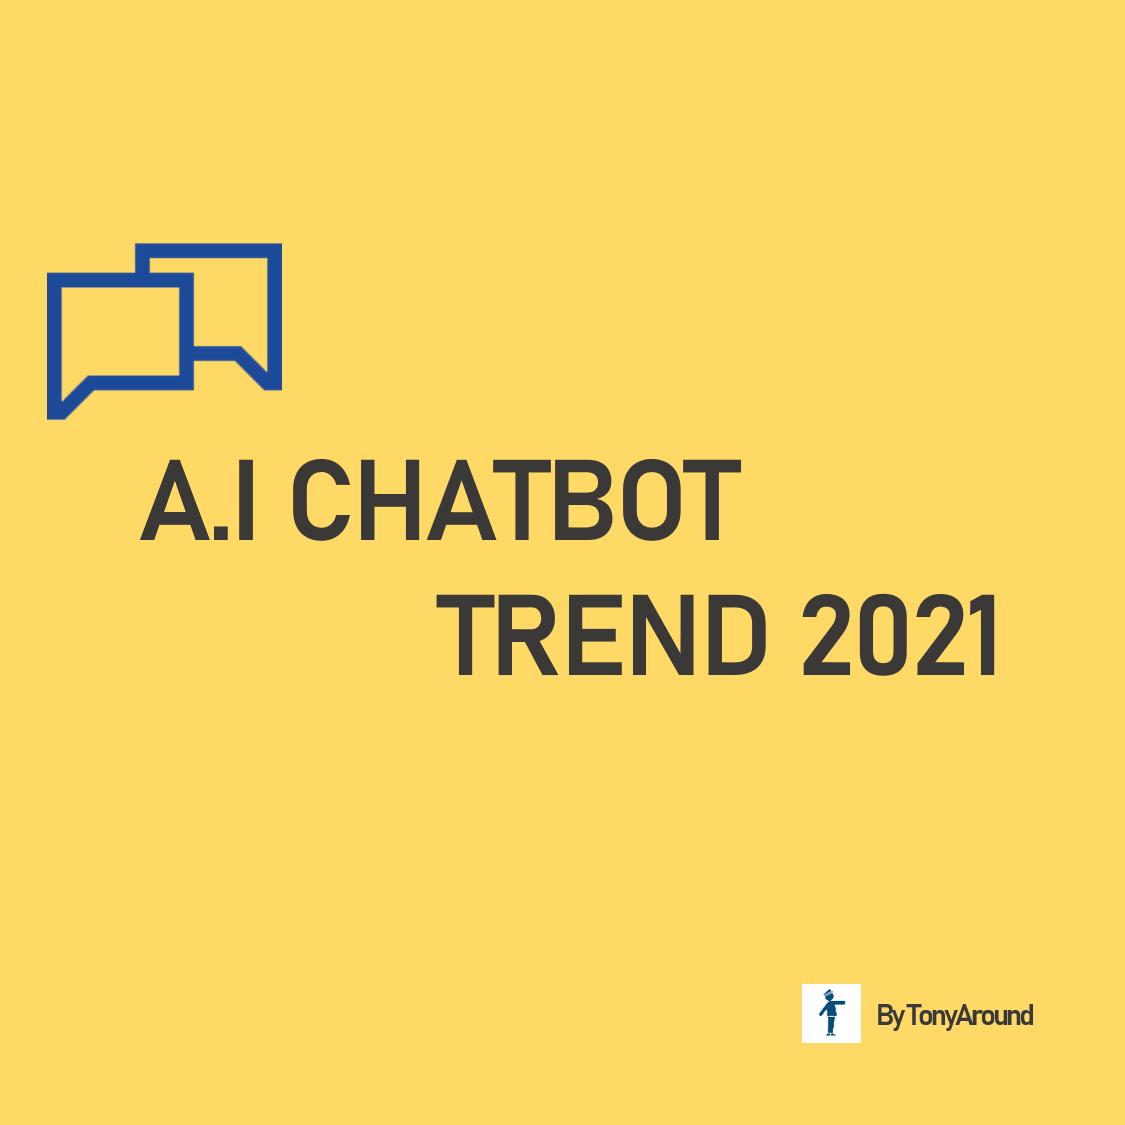 인공지능 챗봇 트렌드 2021: 산업 별 전망 (금융)